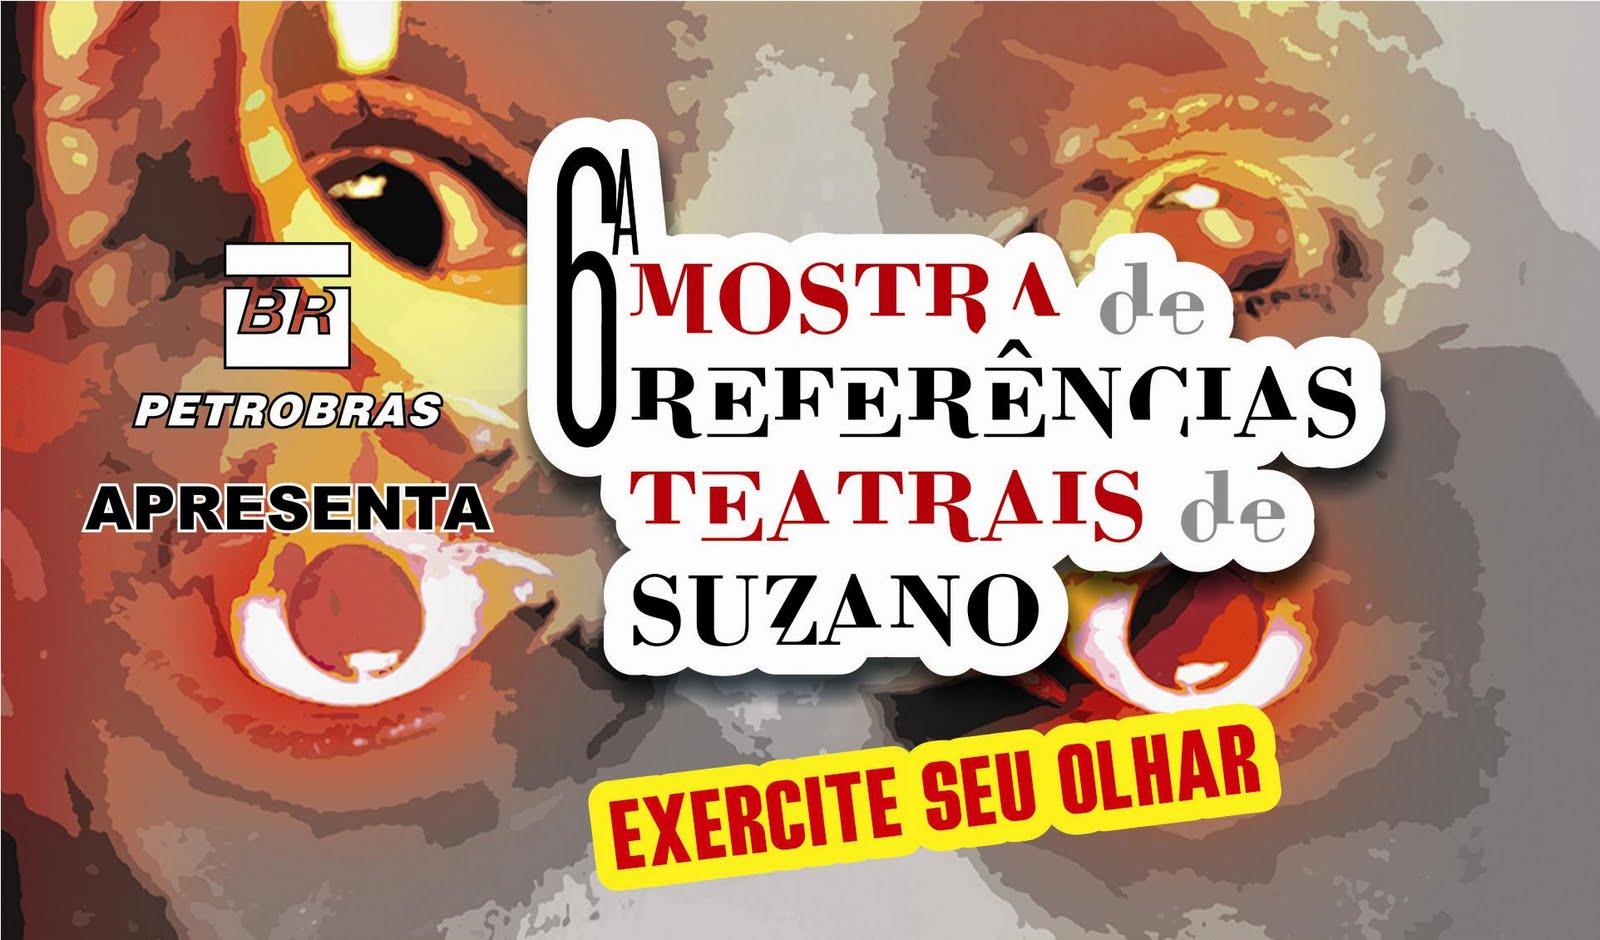 6ª Mostra de Referencias Teatrais de Suzano